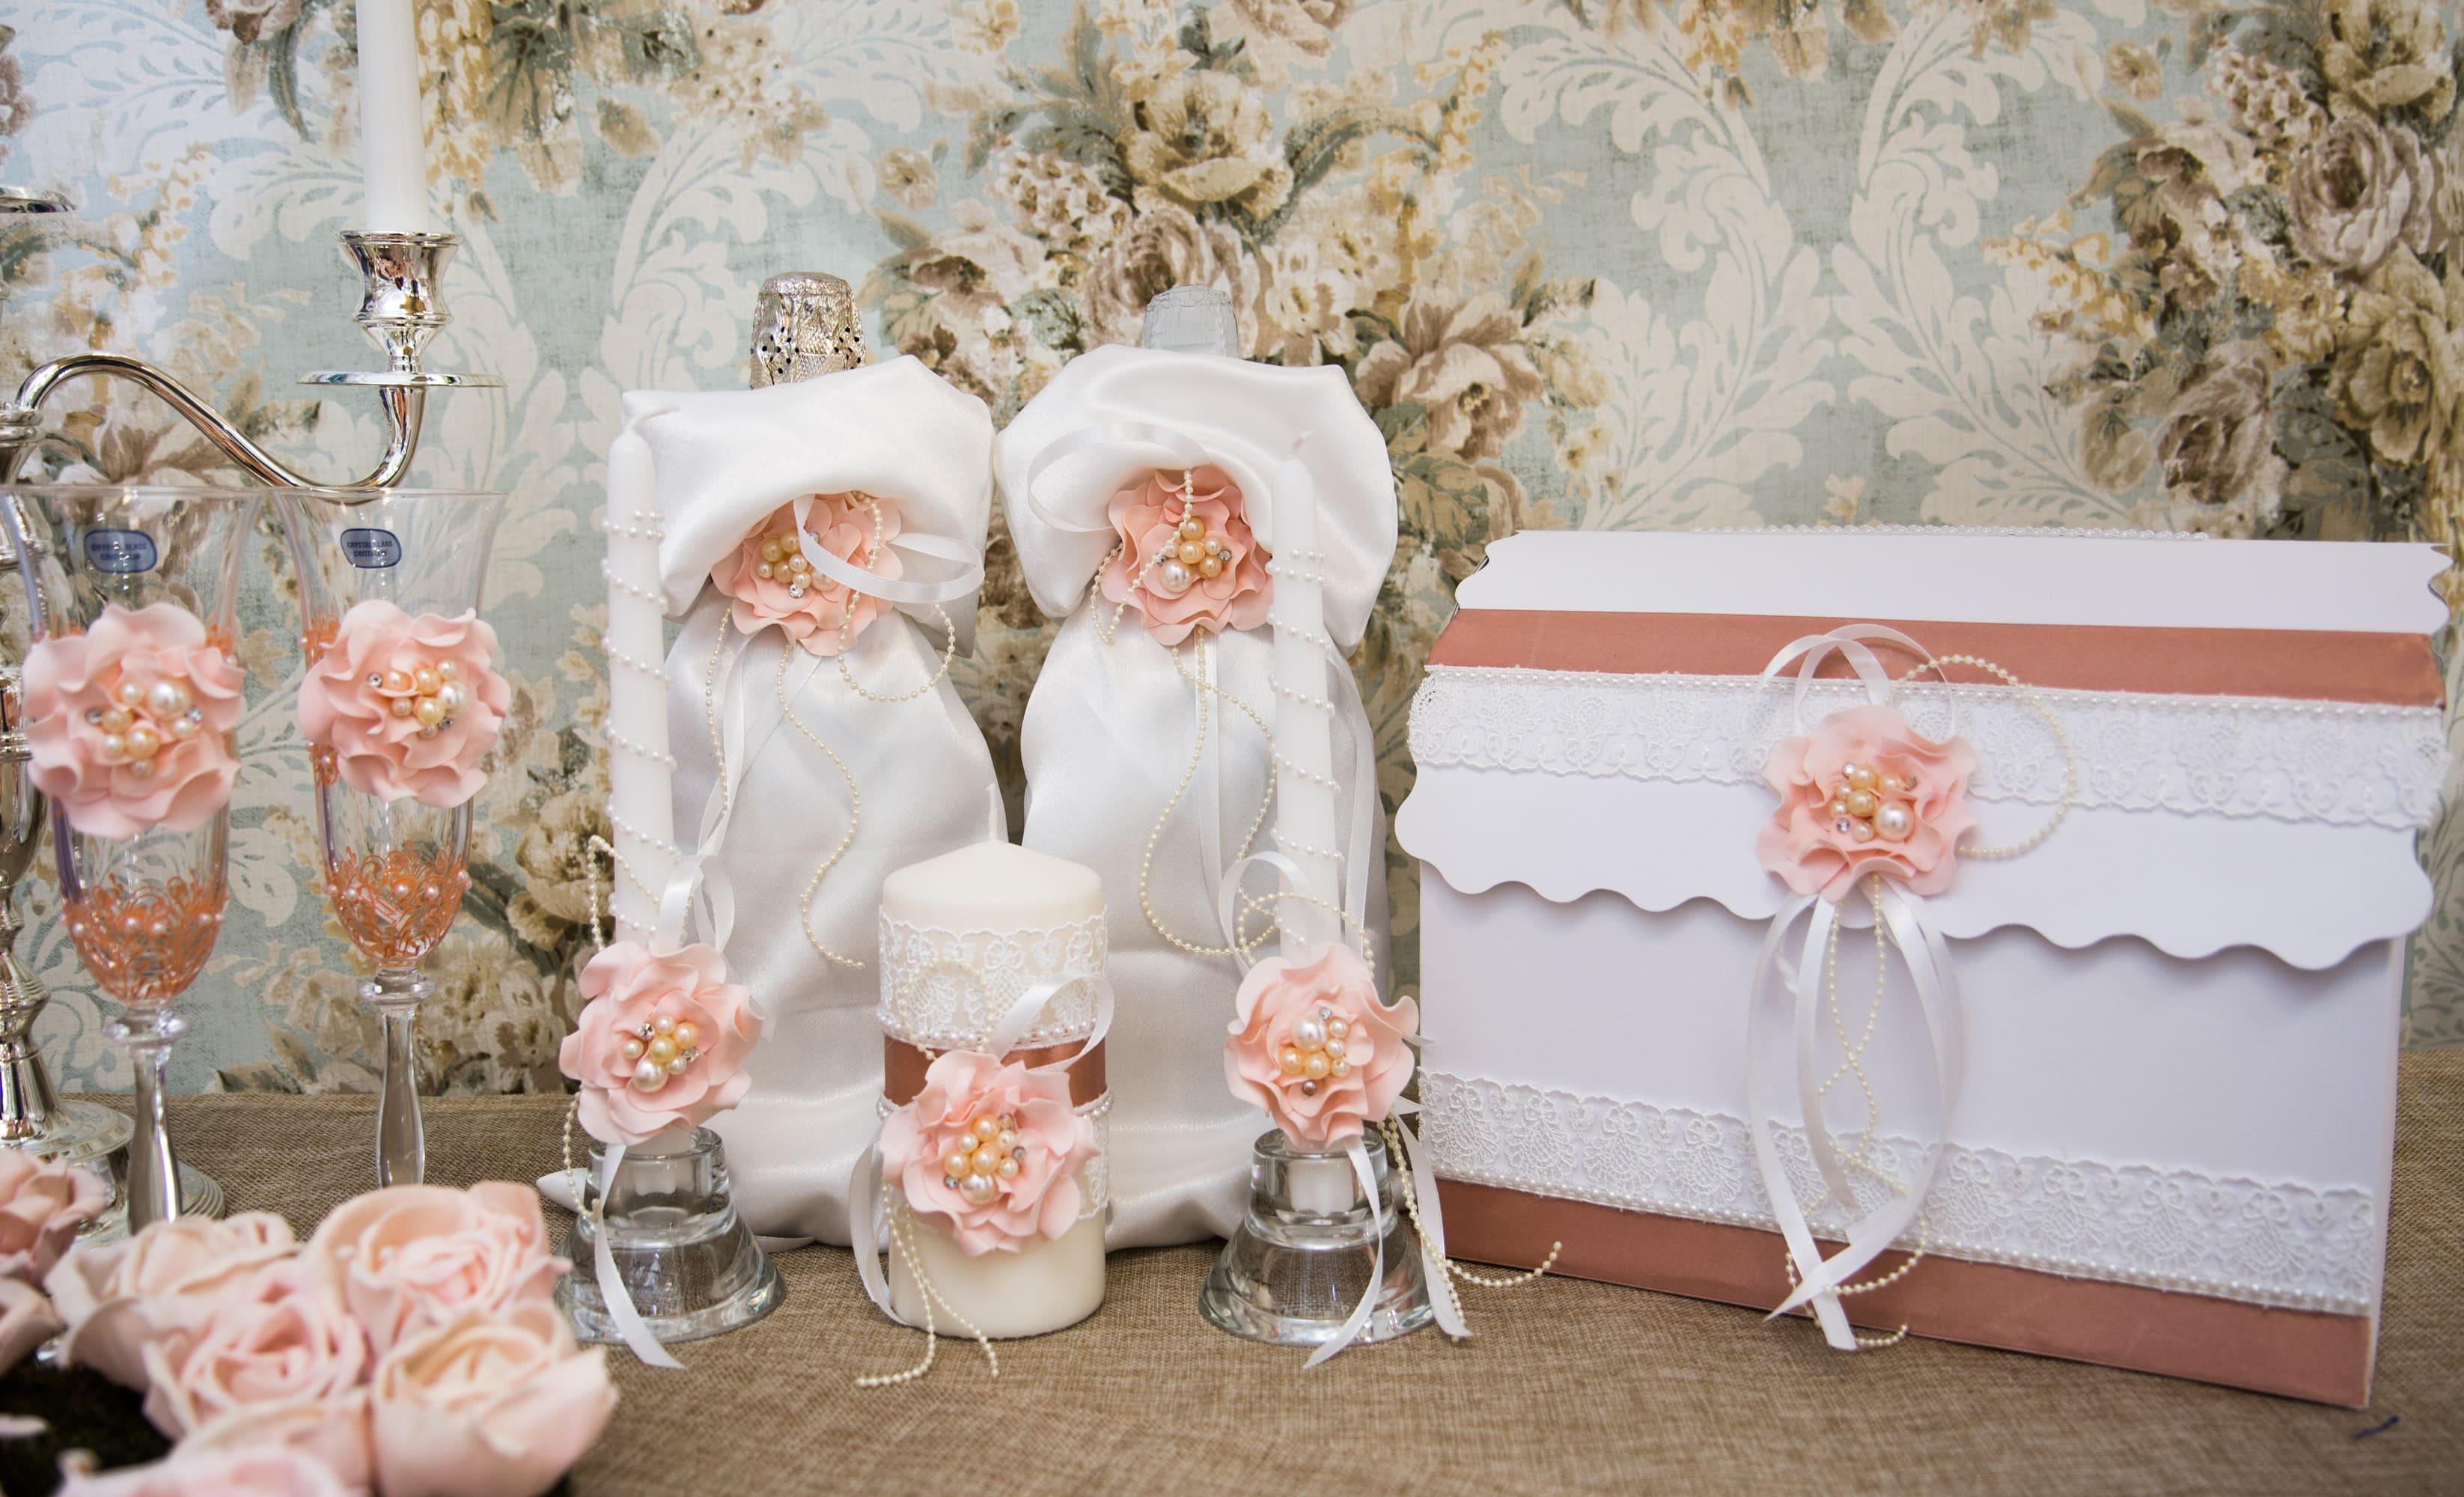 Стильный свадебный набор с пышными кремовыми бутонами в качестве отделки.